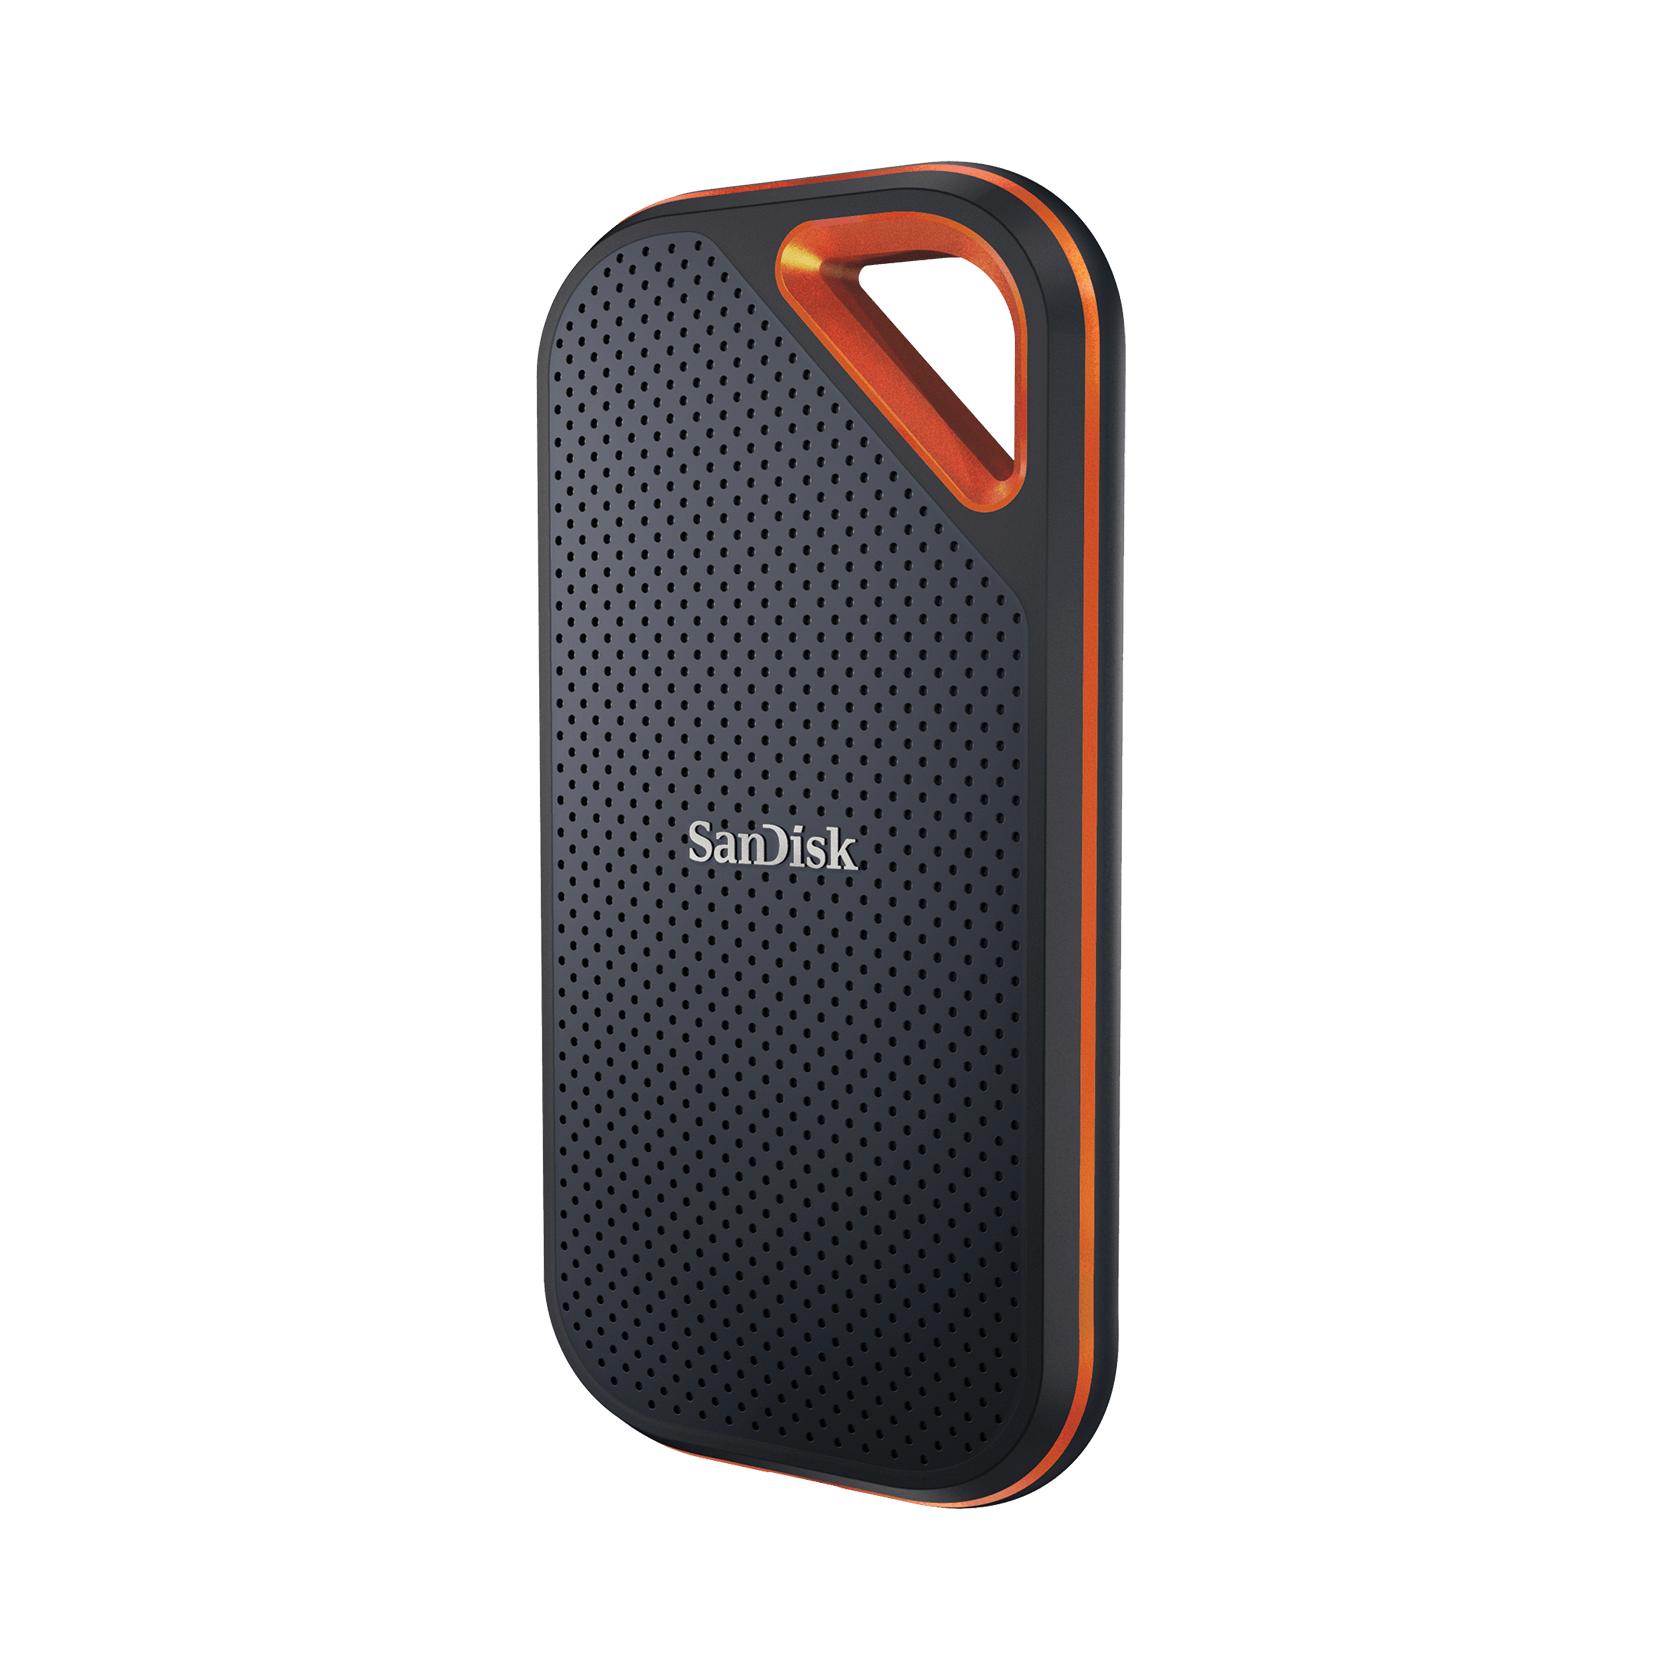 SanDisk Extreme PRO Portable SSD V2 2TB   externe NVMe-SSD mit 2000 MB/s Schreibgeschwindigkeit, USB 3.2 Gen 2x2, IP55, Fallsicherheit 2m